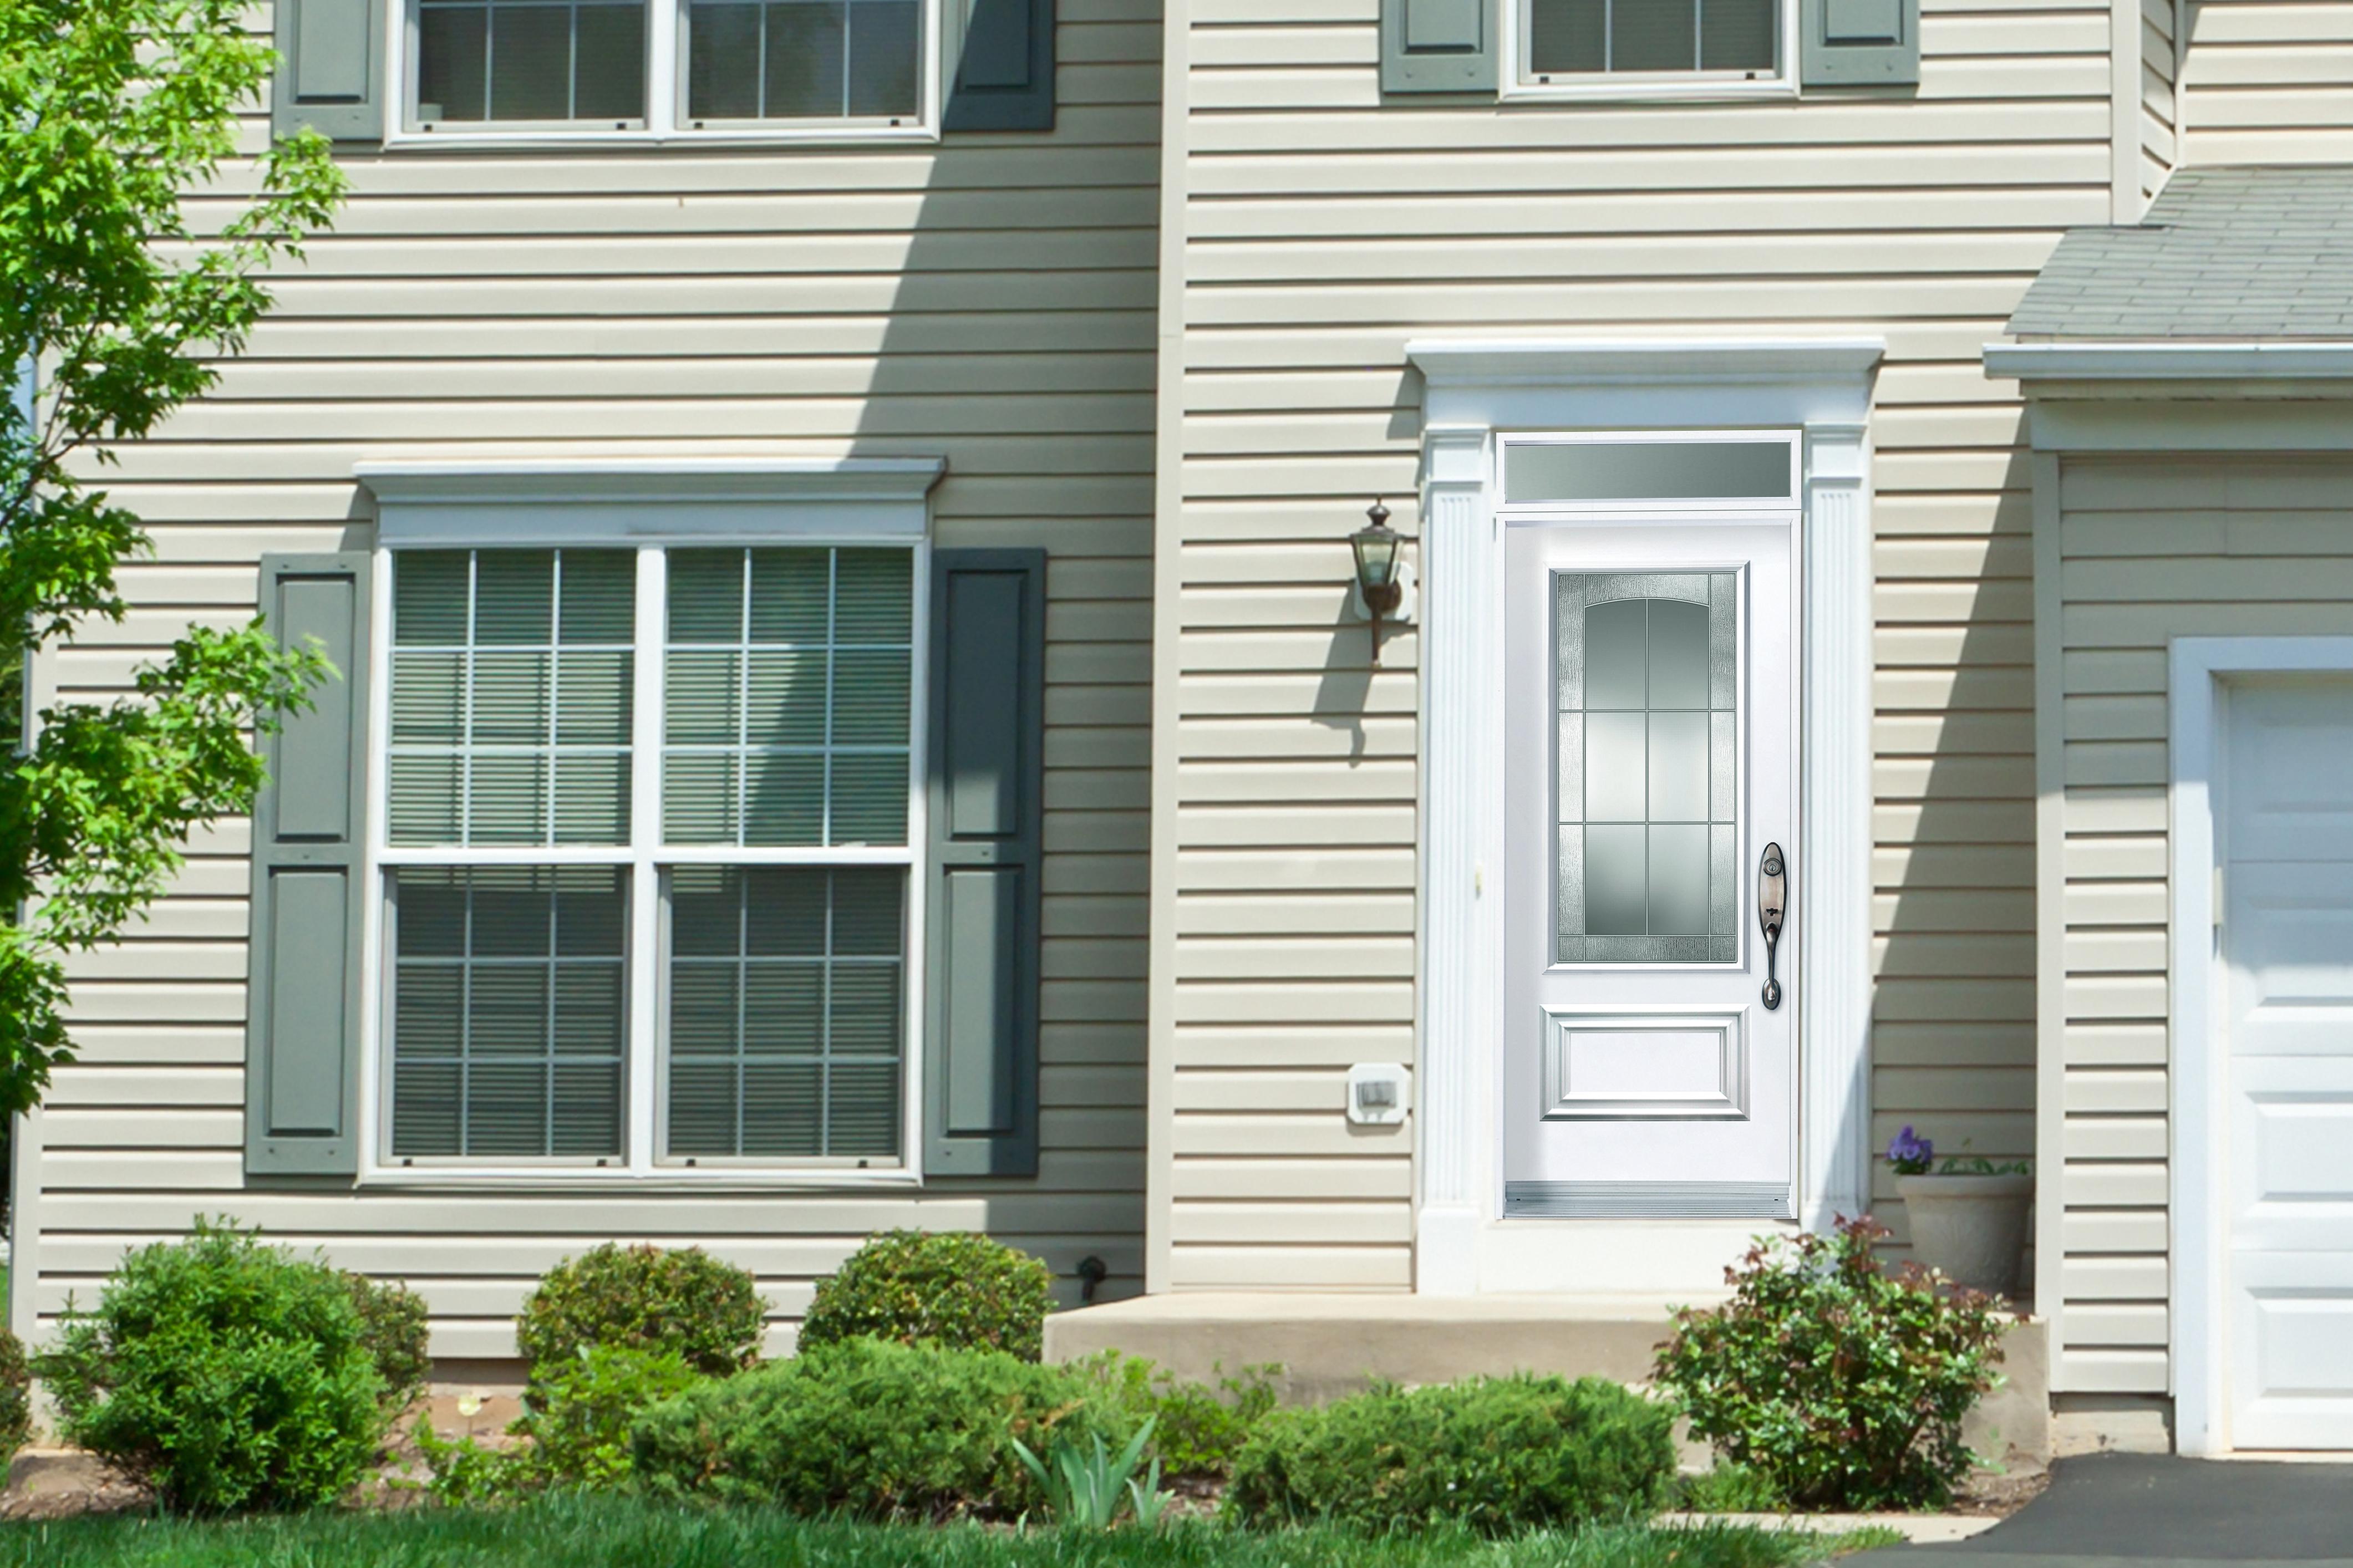 Porte simple imposte rectangle portatec fabricant de - Imposte pour porte d entree ...